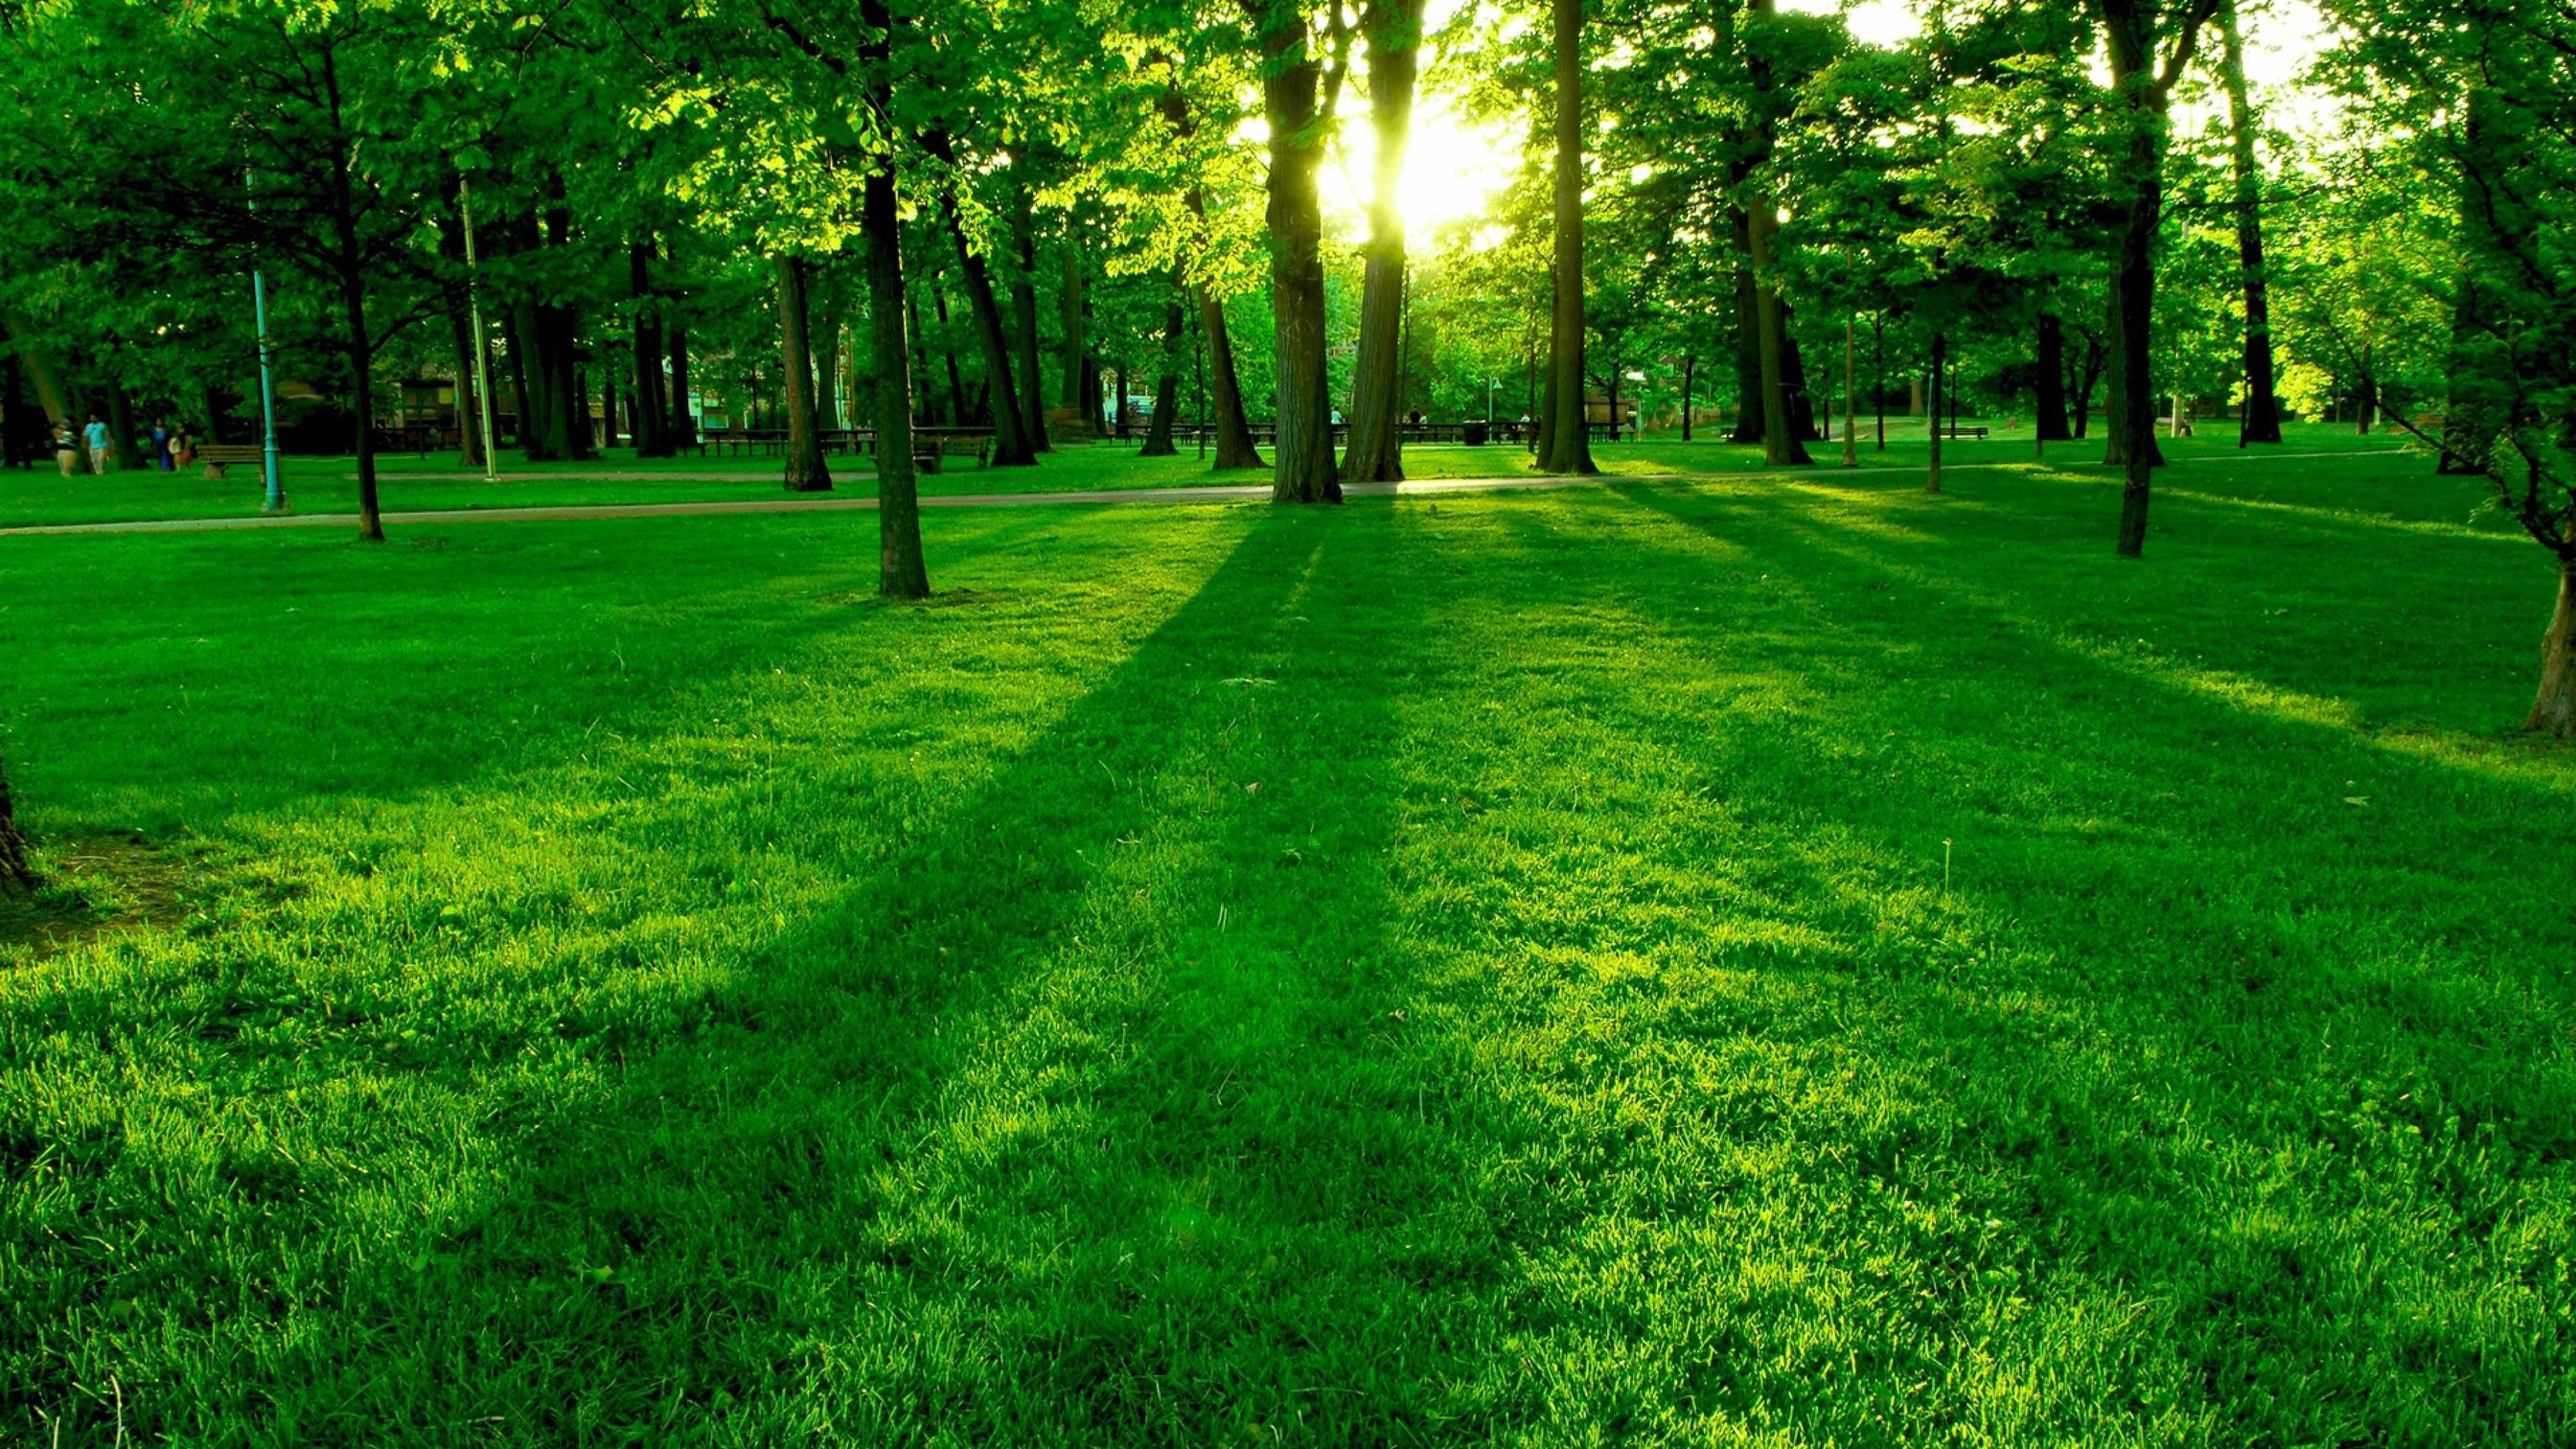 4k green grass park